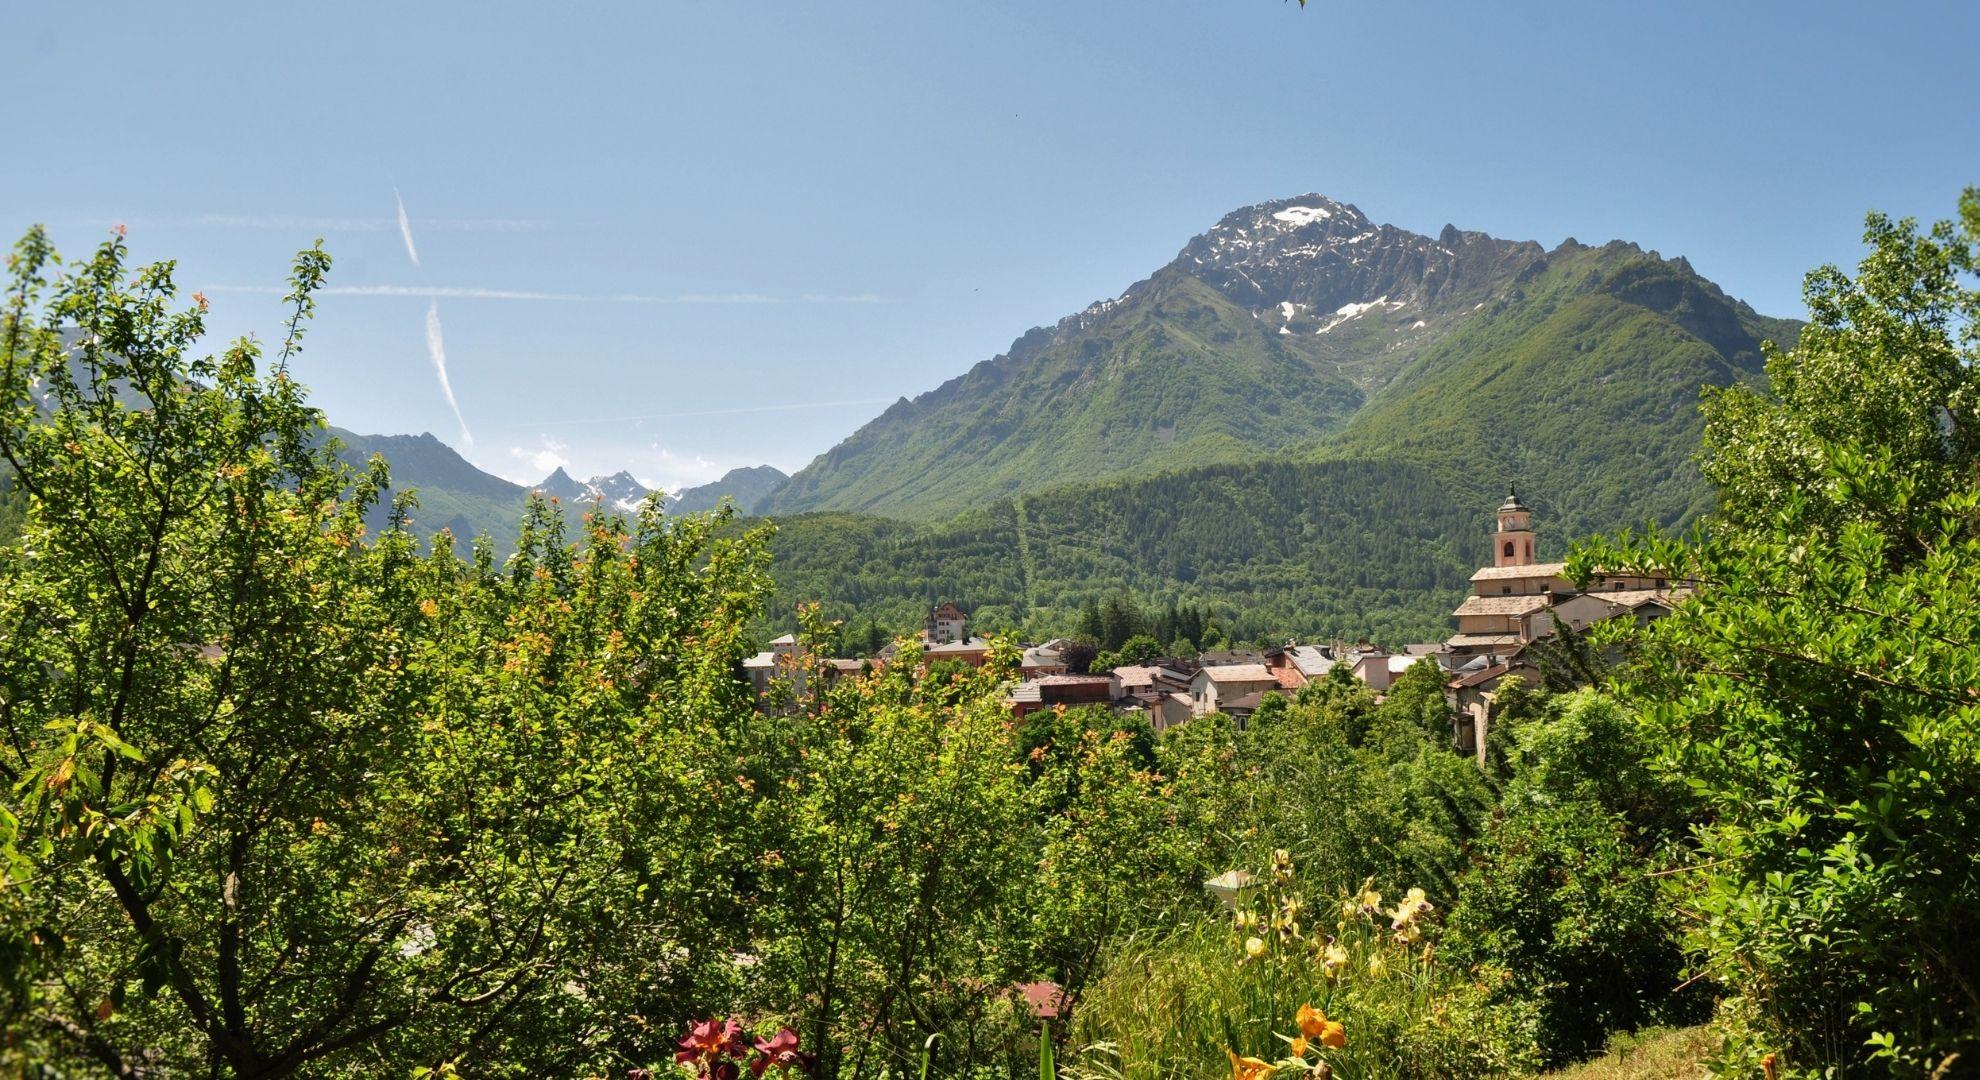 Entracque, nel cuore delle Alpi Marittime